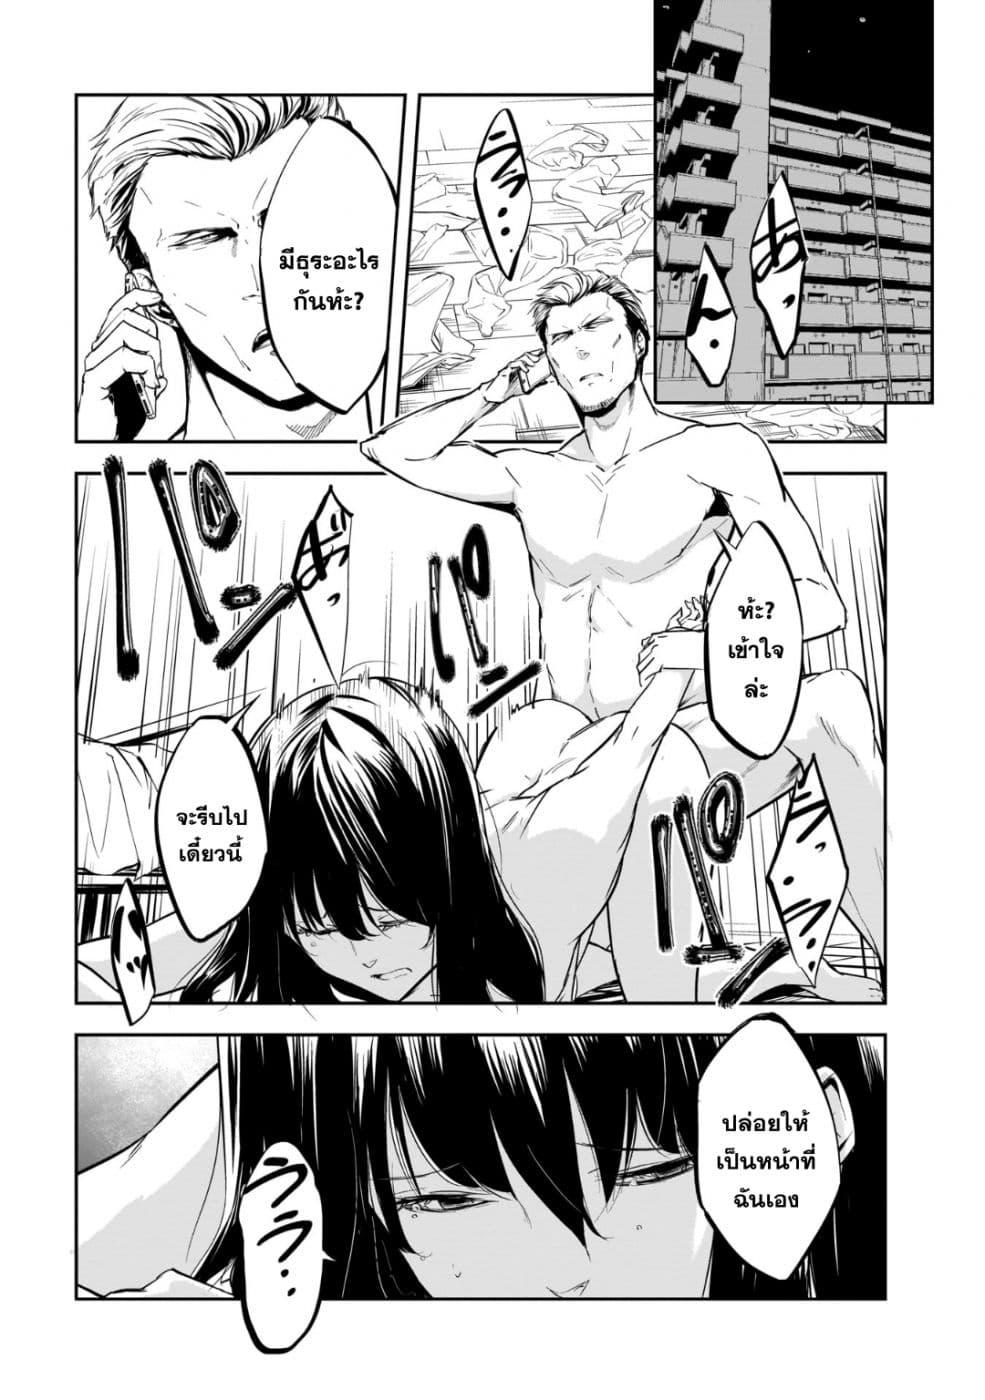 อ่านการ์ตูน Kanojo Gacha ตอนที่ 11 หน้าที่ 6